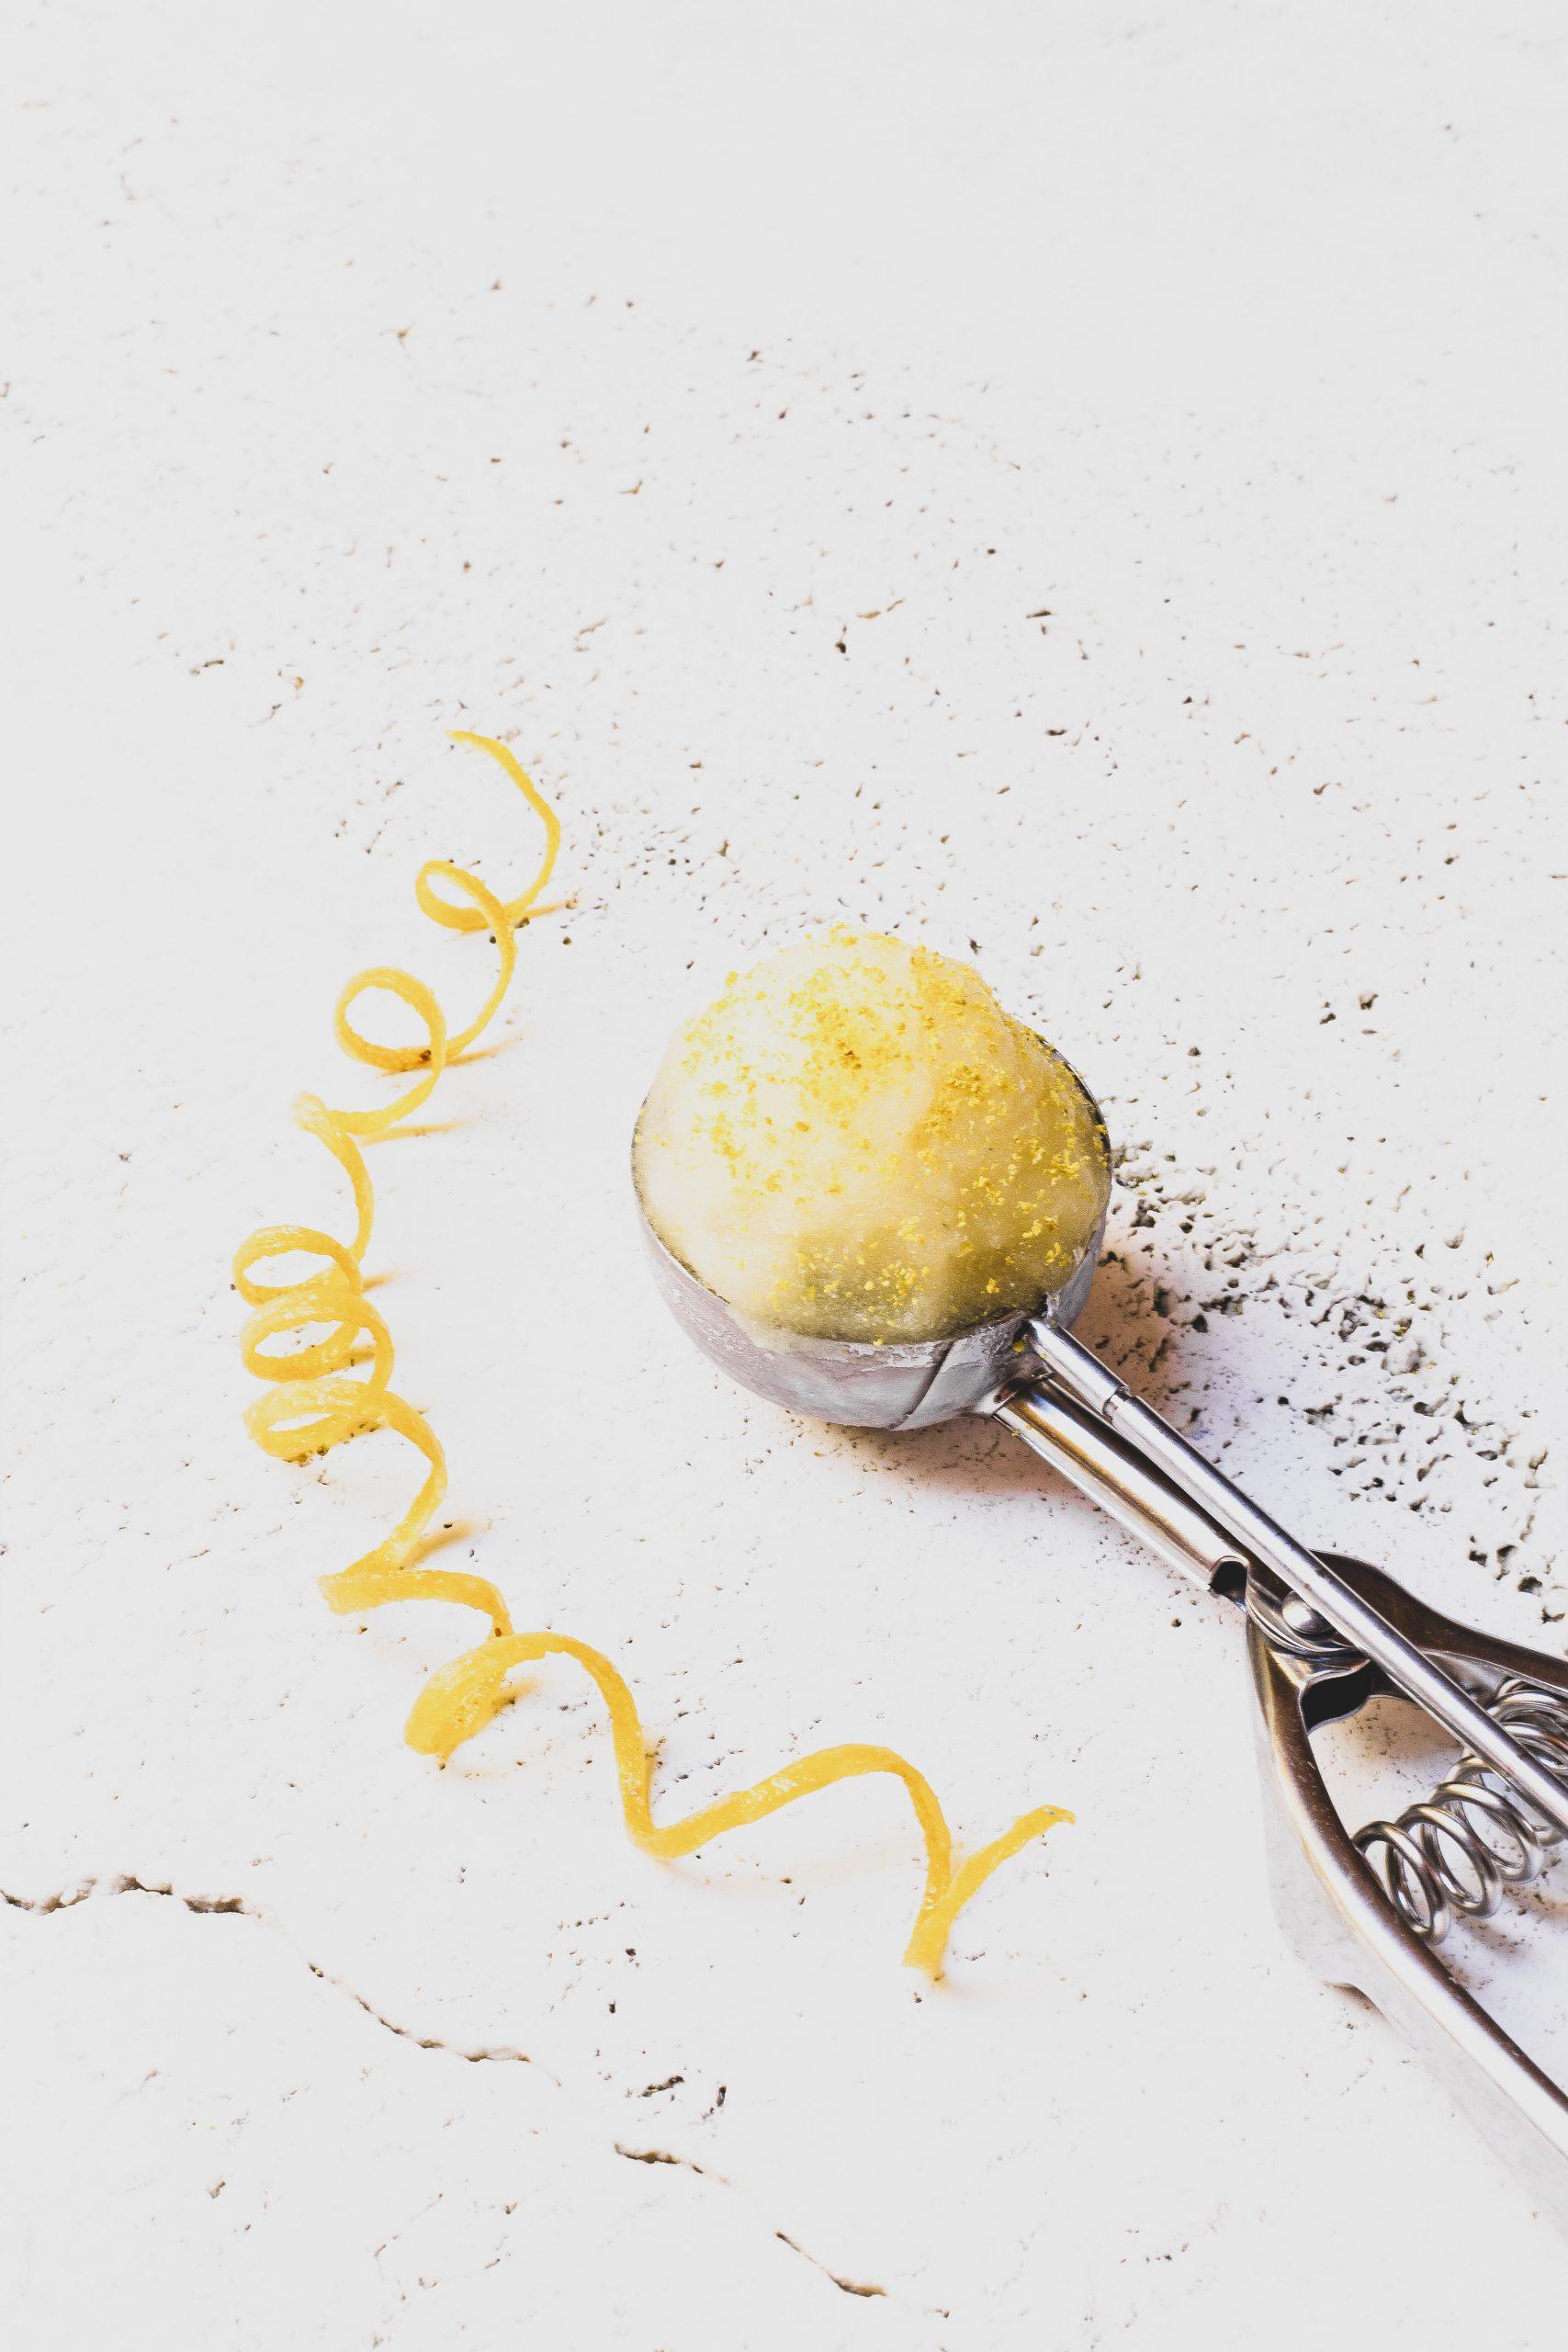 Helado de miel y limón